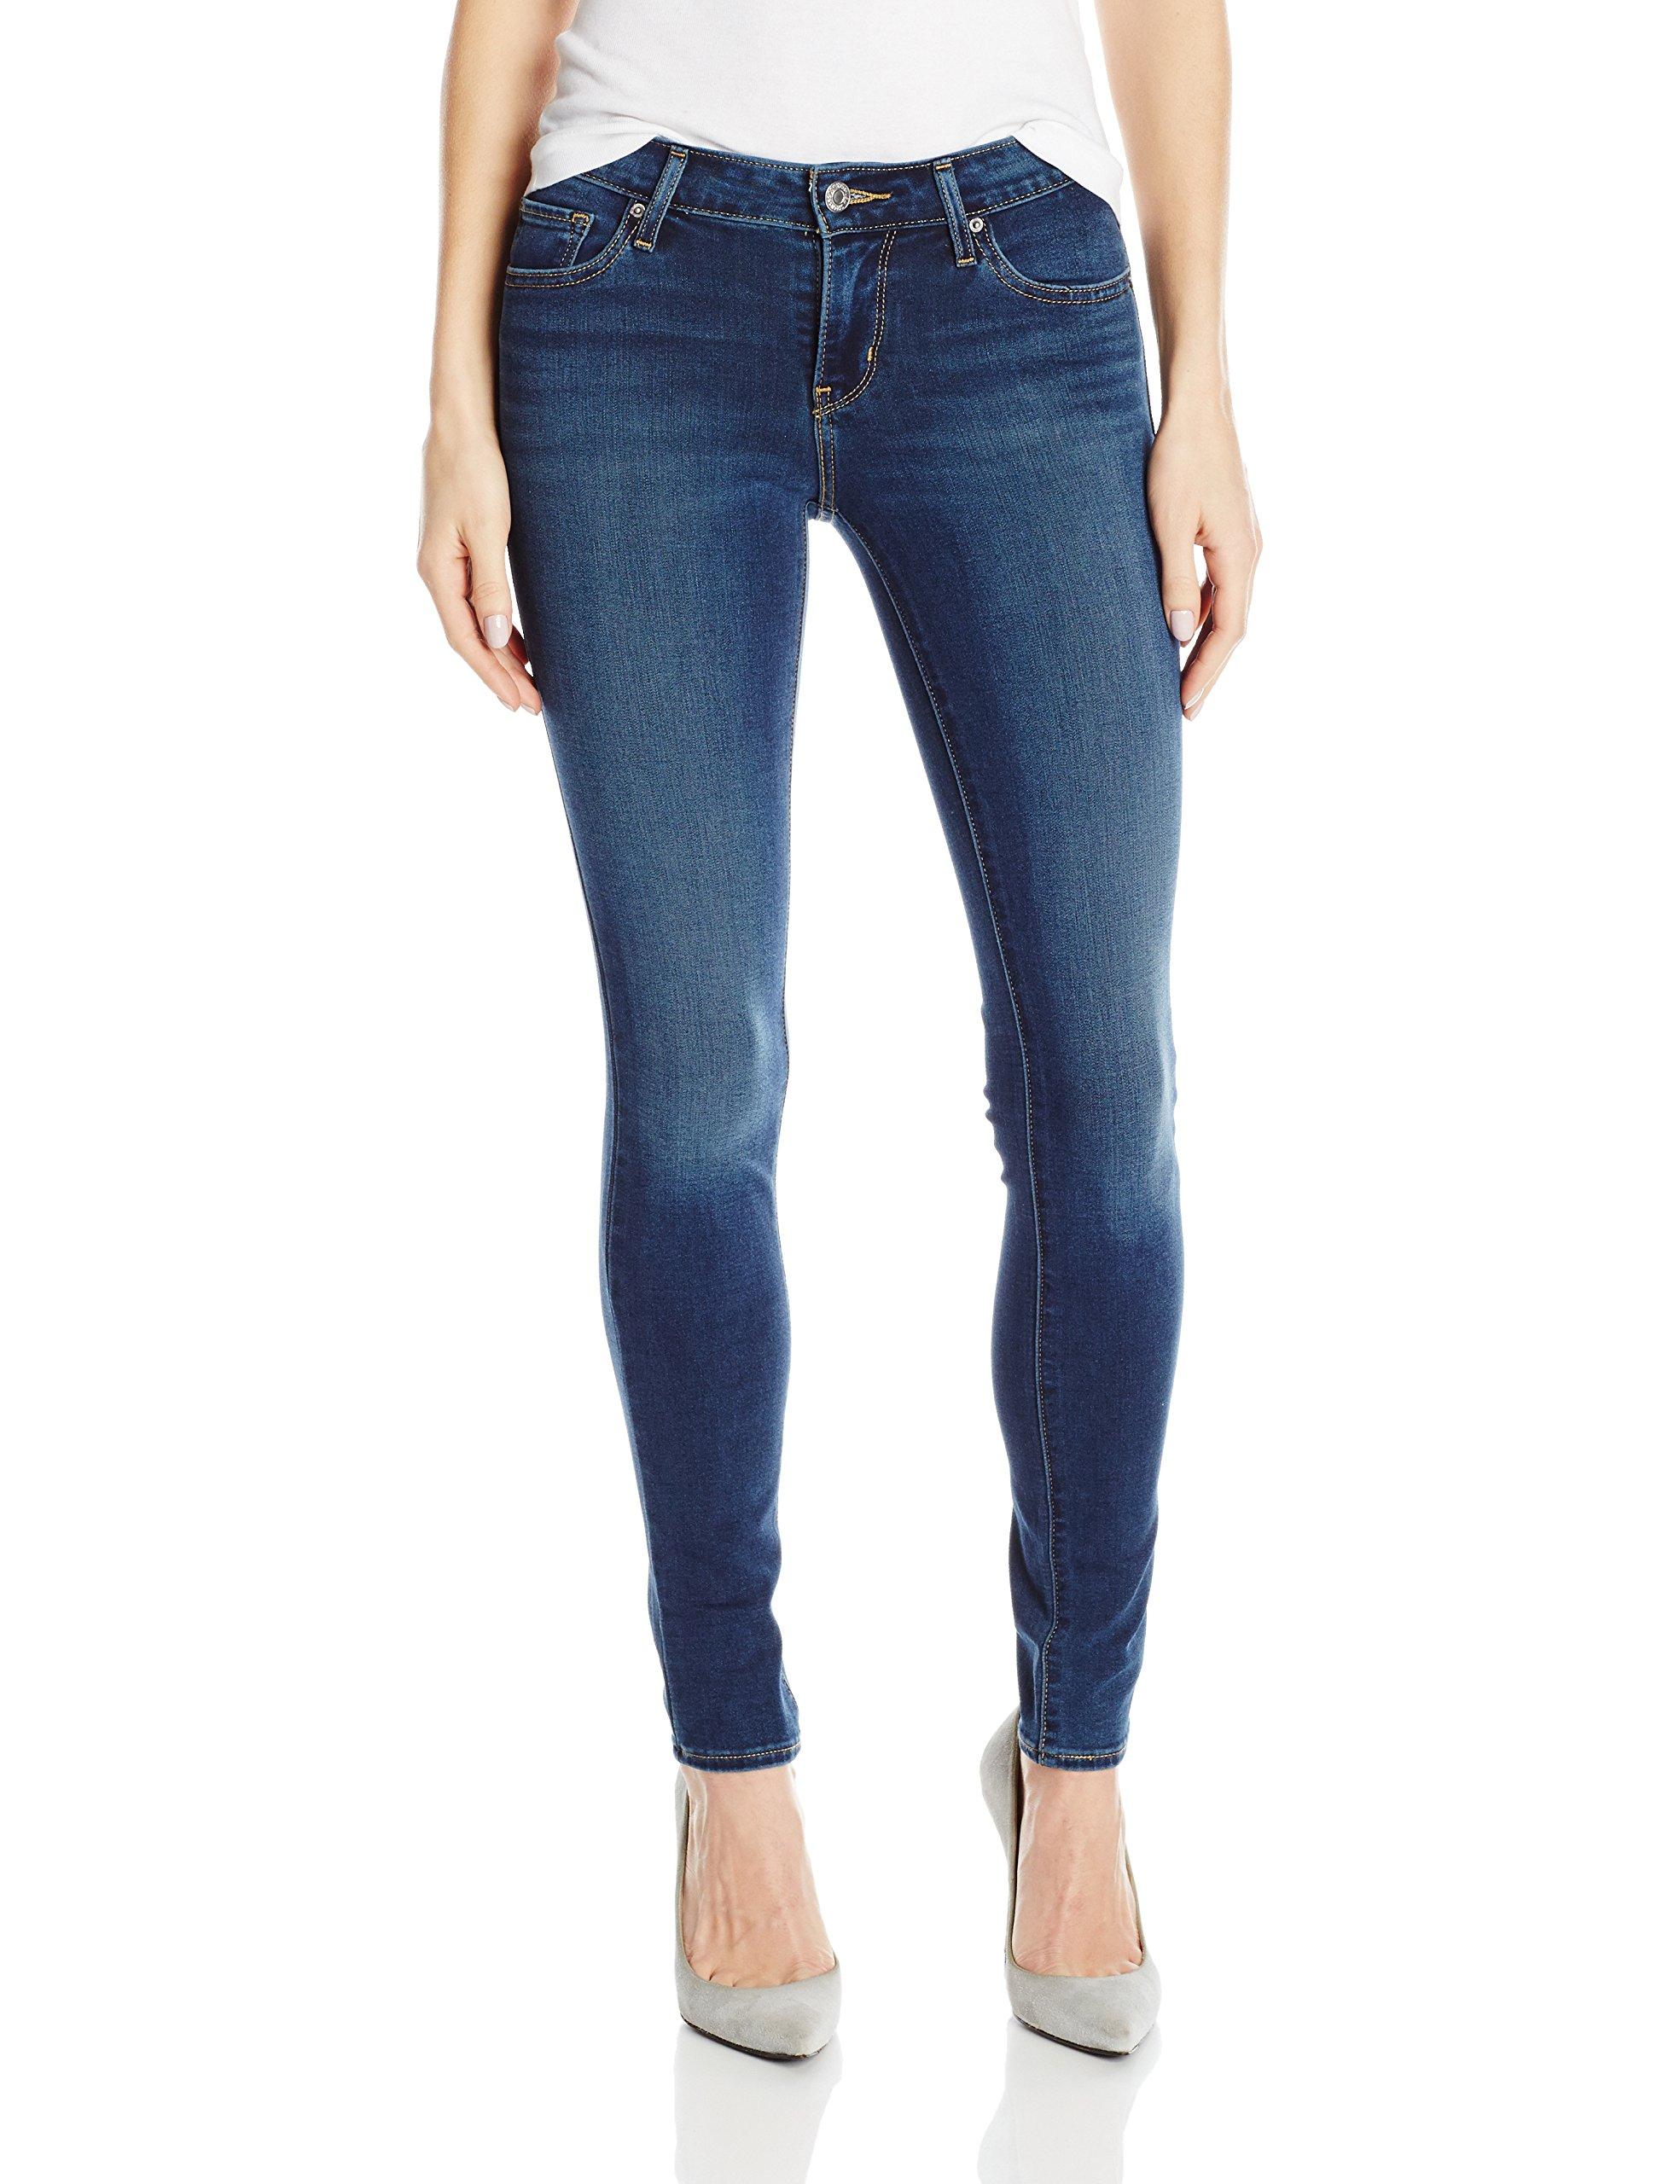 Levi's Women's 711 Skinny Jean, Still Dreamin', 30 (US 10) R